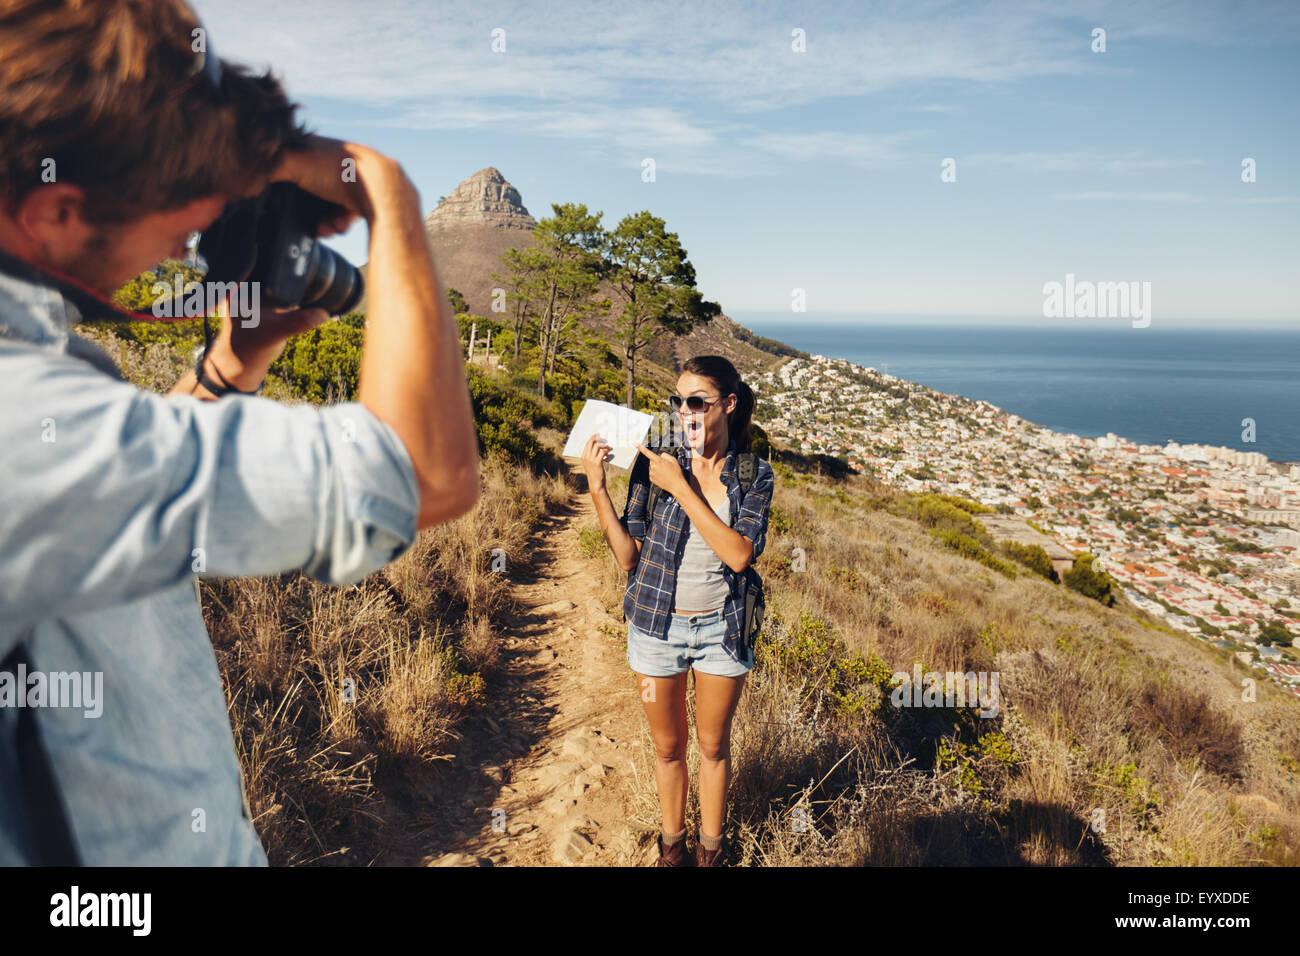 Emocionada joven Mostrar mapa y posando para su novio tomando fotos con su cámara digital. Pareja joven senderismo Imagen De Stock